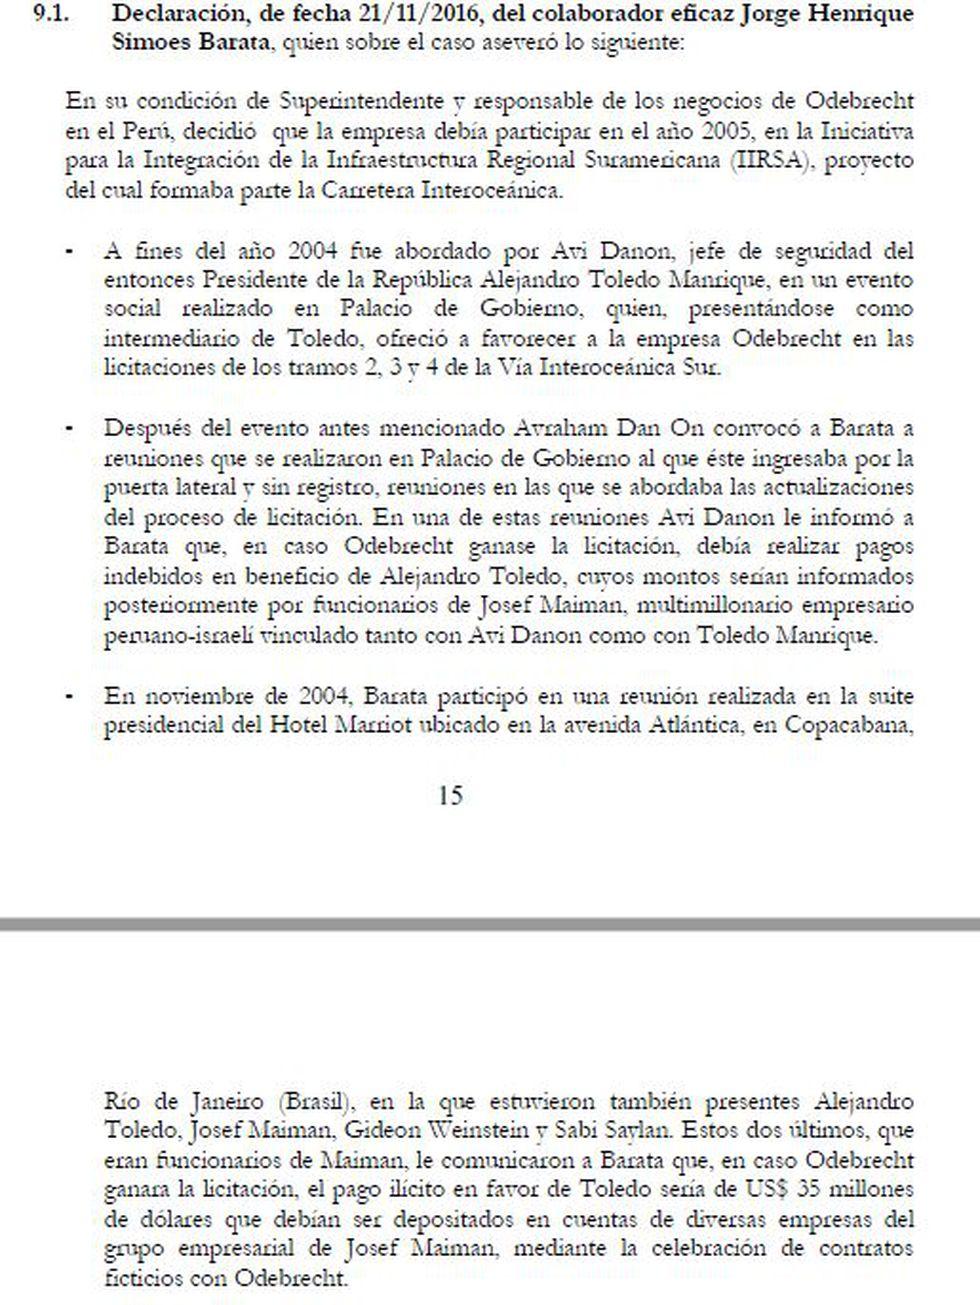 La declaración de Jorge Barata en enero del 2017, ante el fiscal Hamilton Castro, de acuerdo al requerimiento de extradición presentado por el juez Richard Concepción Carhuancho.